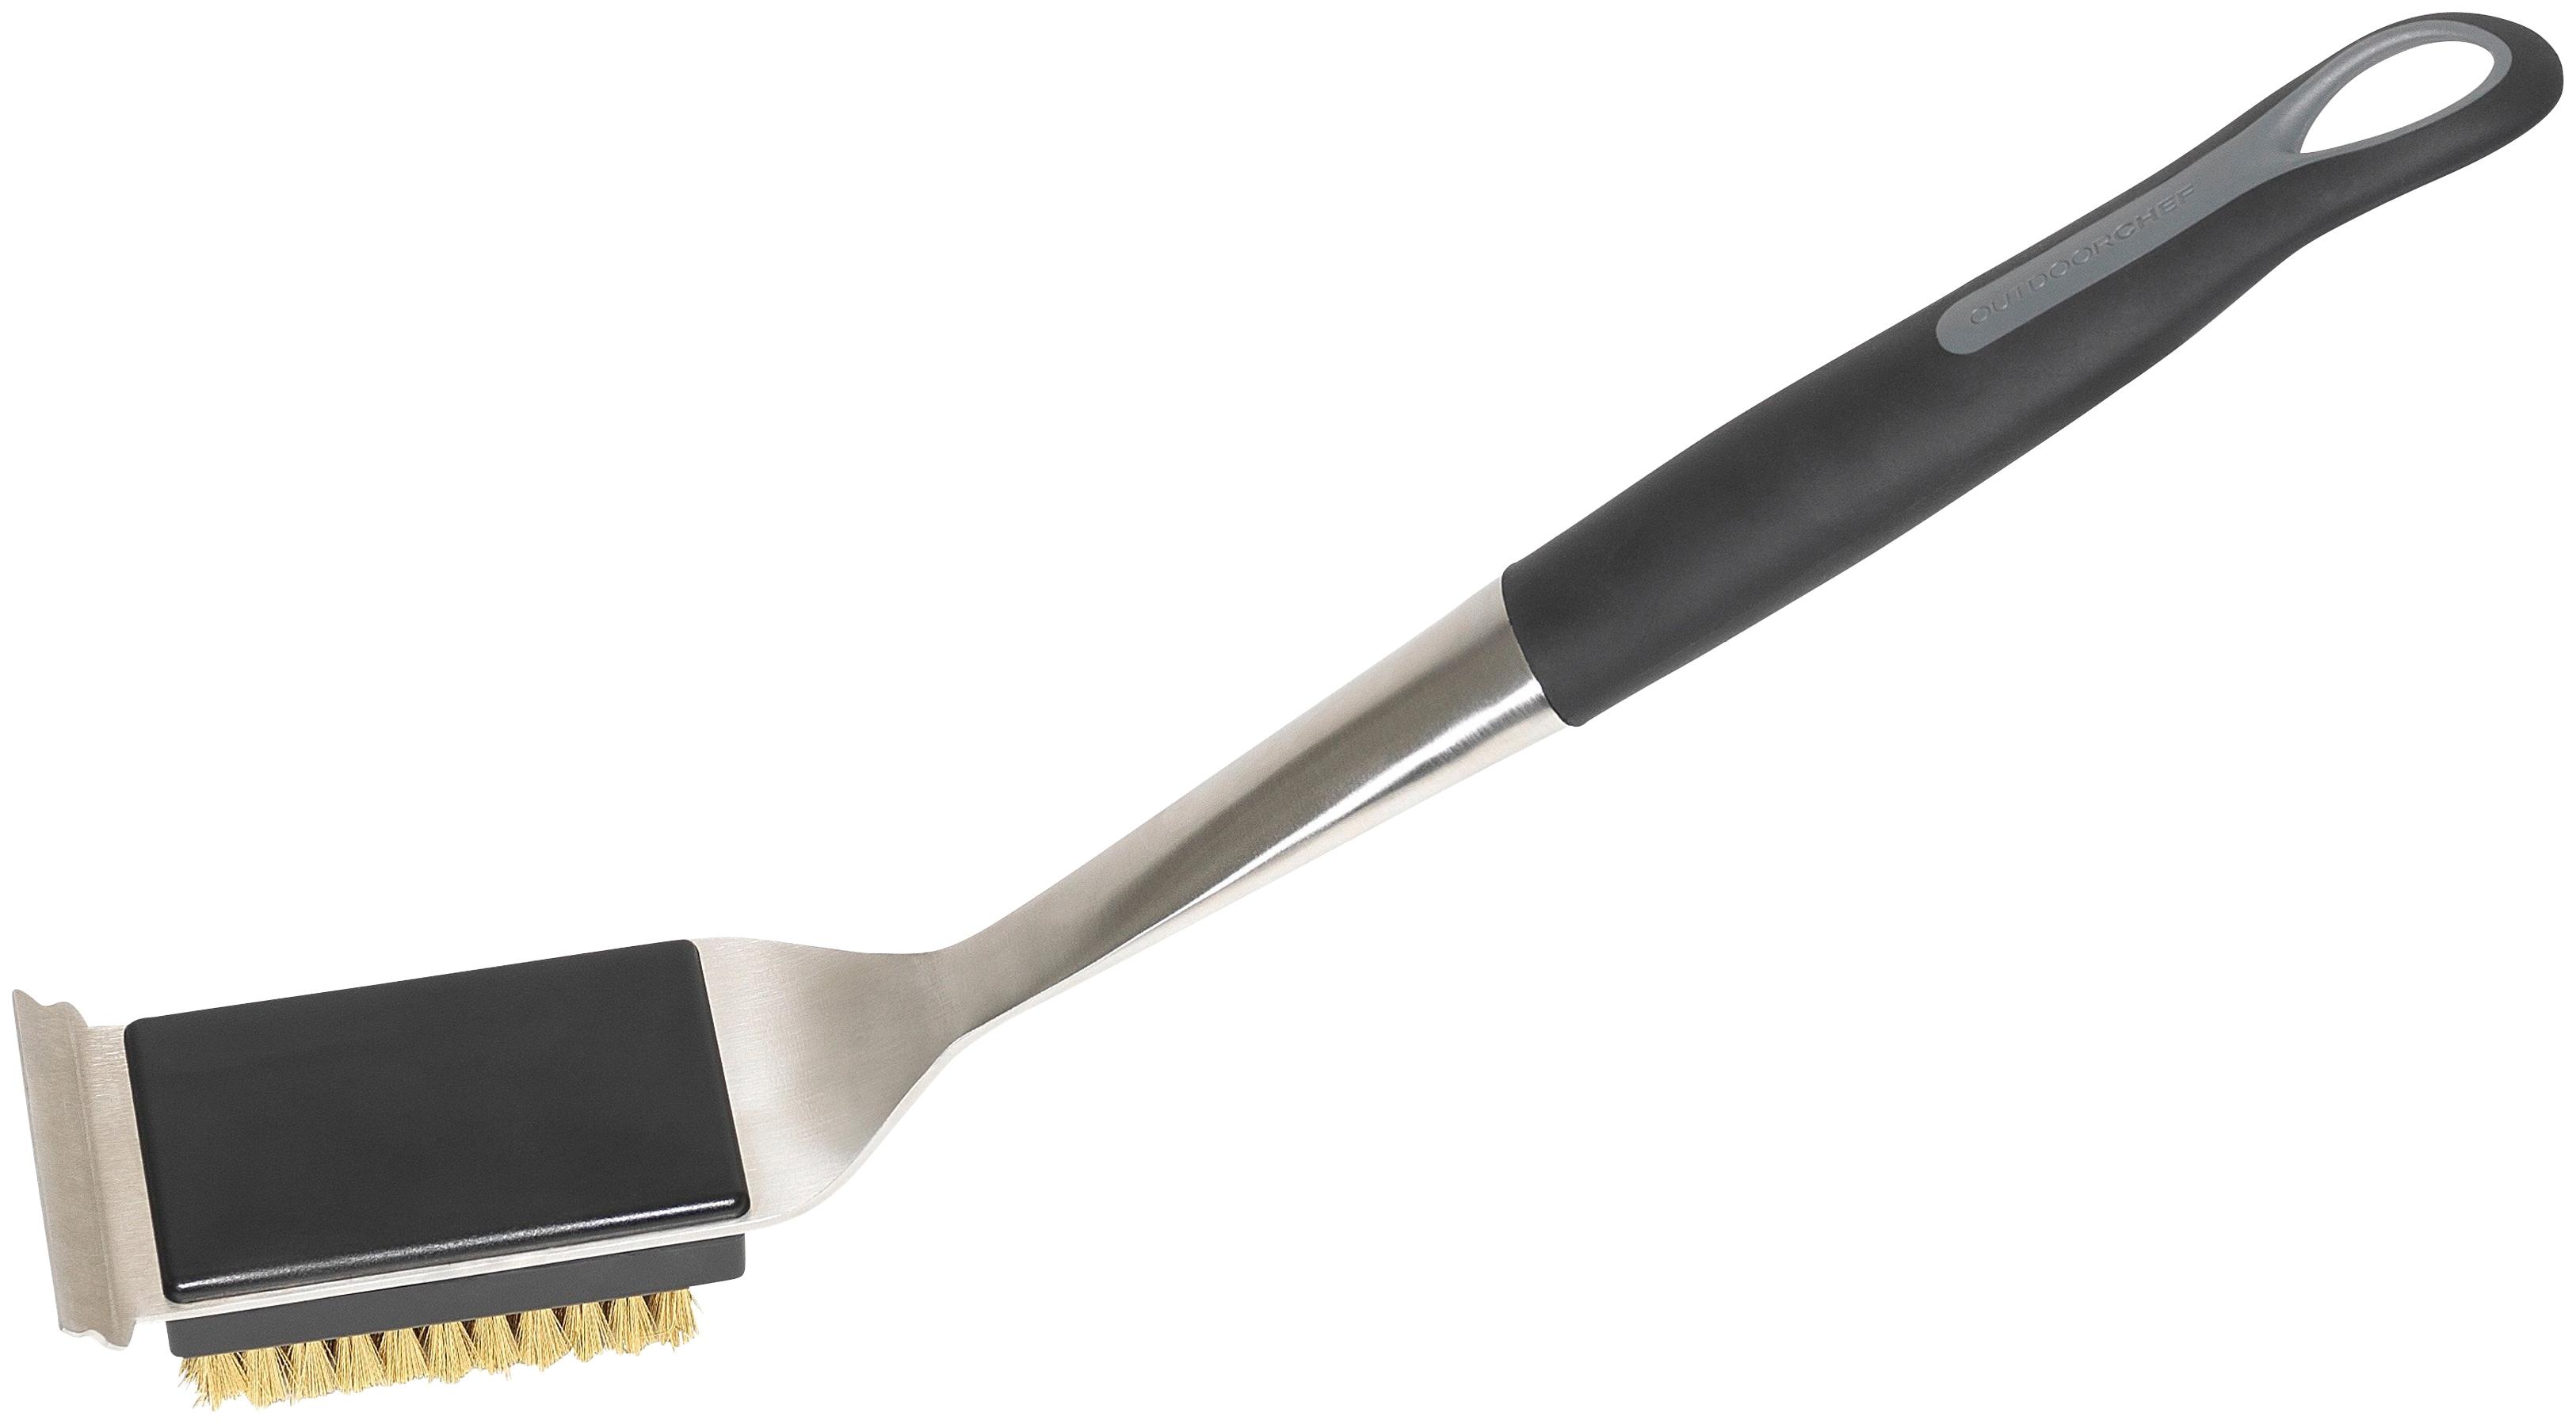 OUTDOORCHEF Grillbürste, BxL: 7,5x43 cm schwarz Zubehör für Grills Garten Balkon Grillbürste